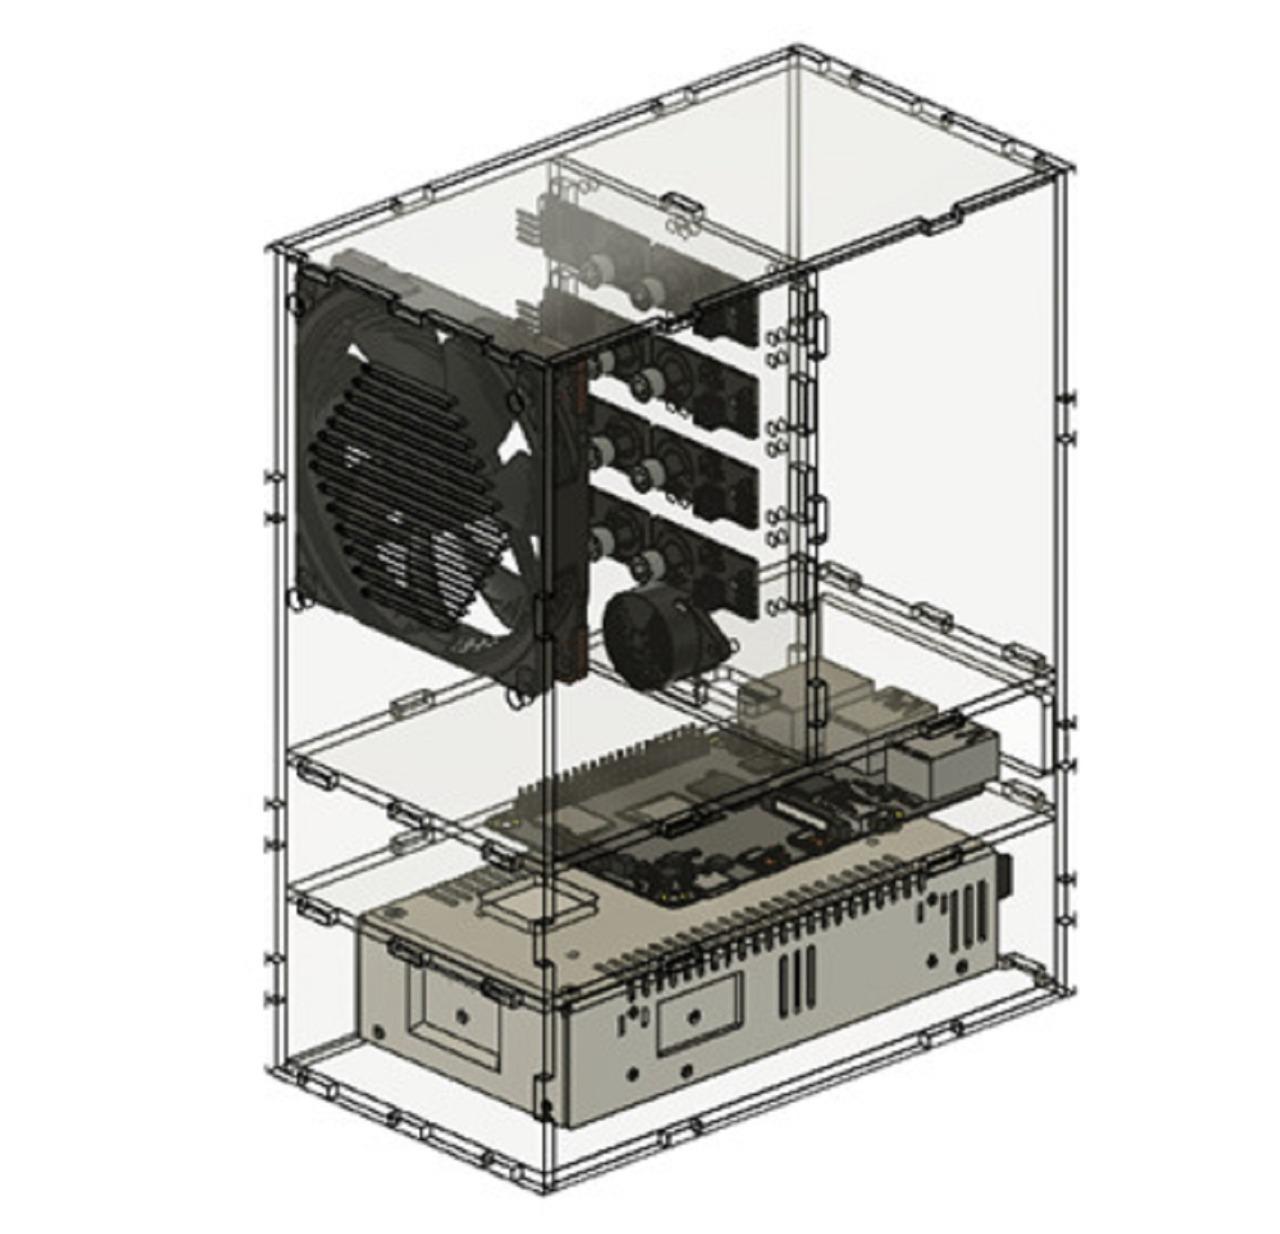 Peudecskin dalam tampilan tiga dimensi yang merupakan karya tim mahasiswa ITS